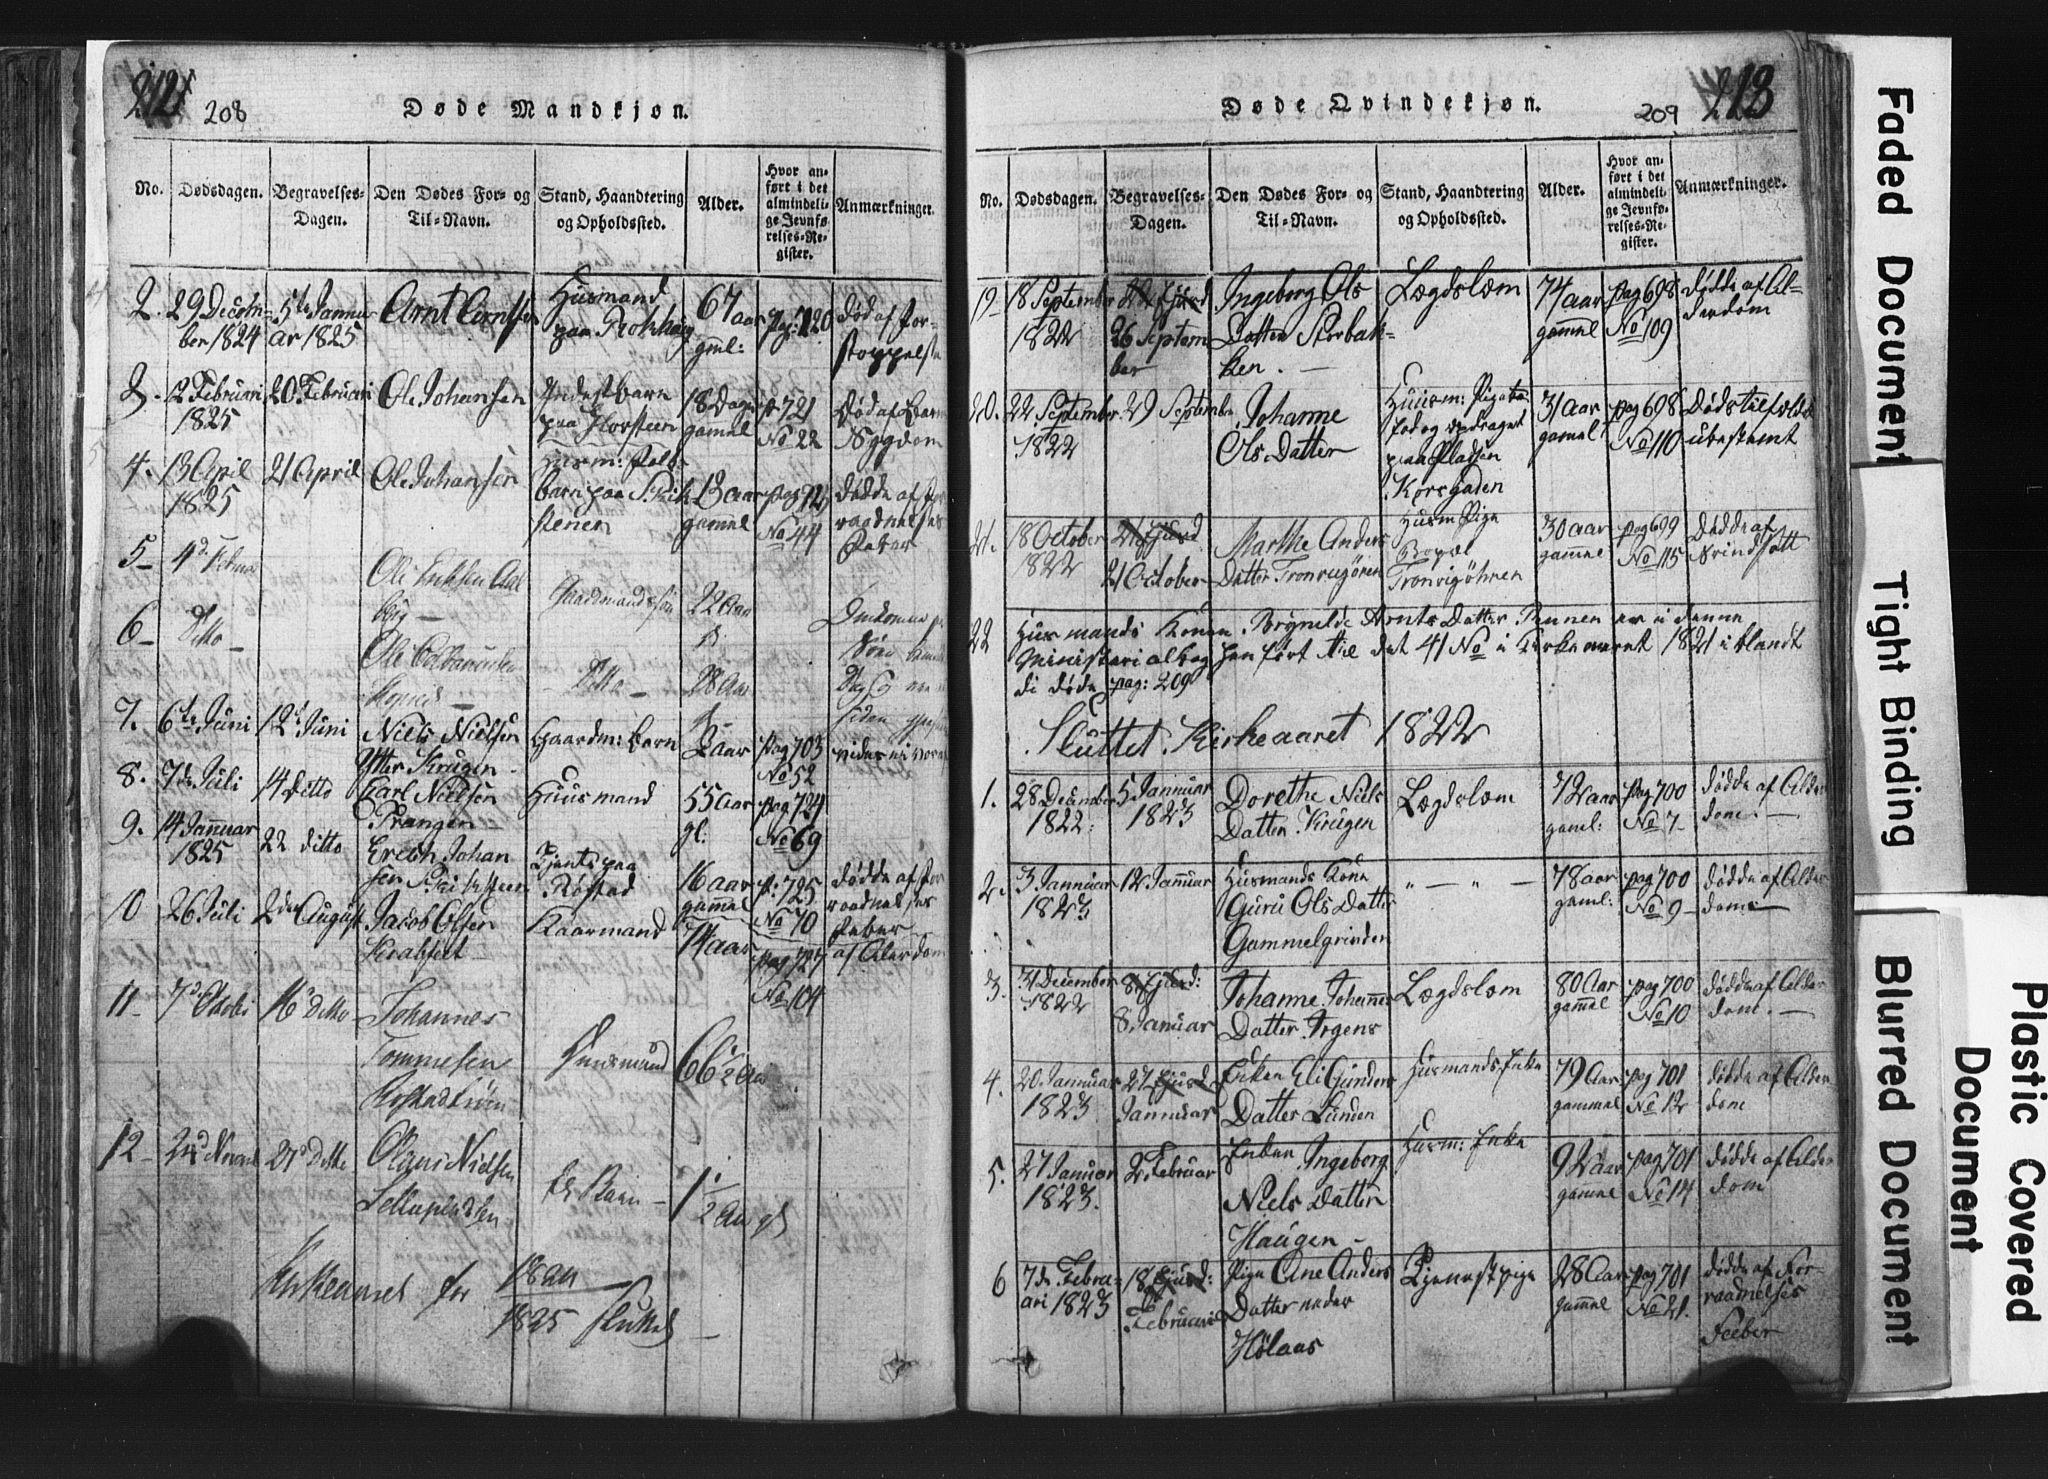 SAT, Ministerialprotokoller, klokkerbøker og fødselsregistre - Nord-Trøndelag, 701/L0017: Klokkerbok nr. 701C01, 1817-1825, s. 208-209